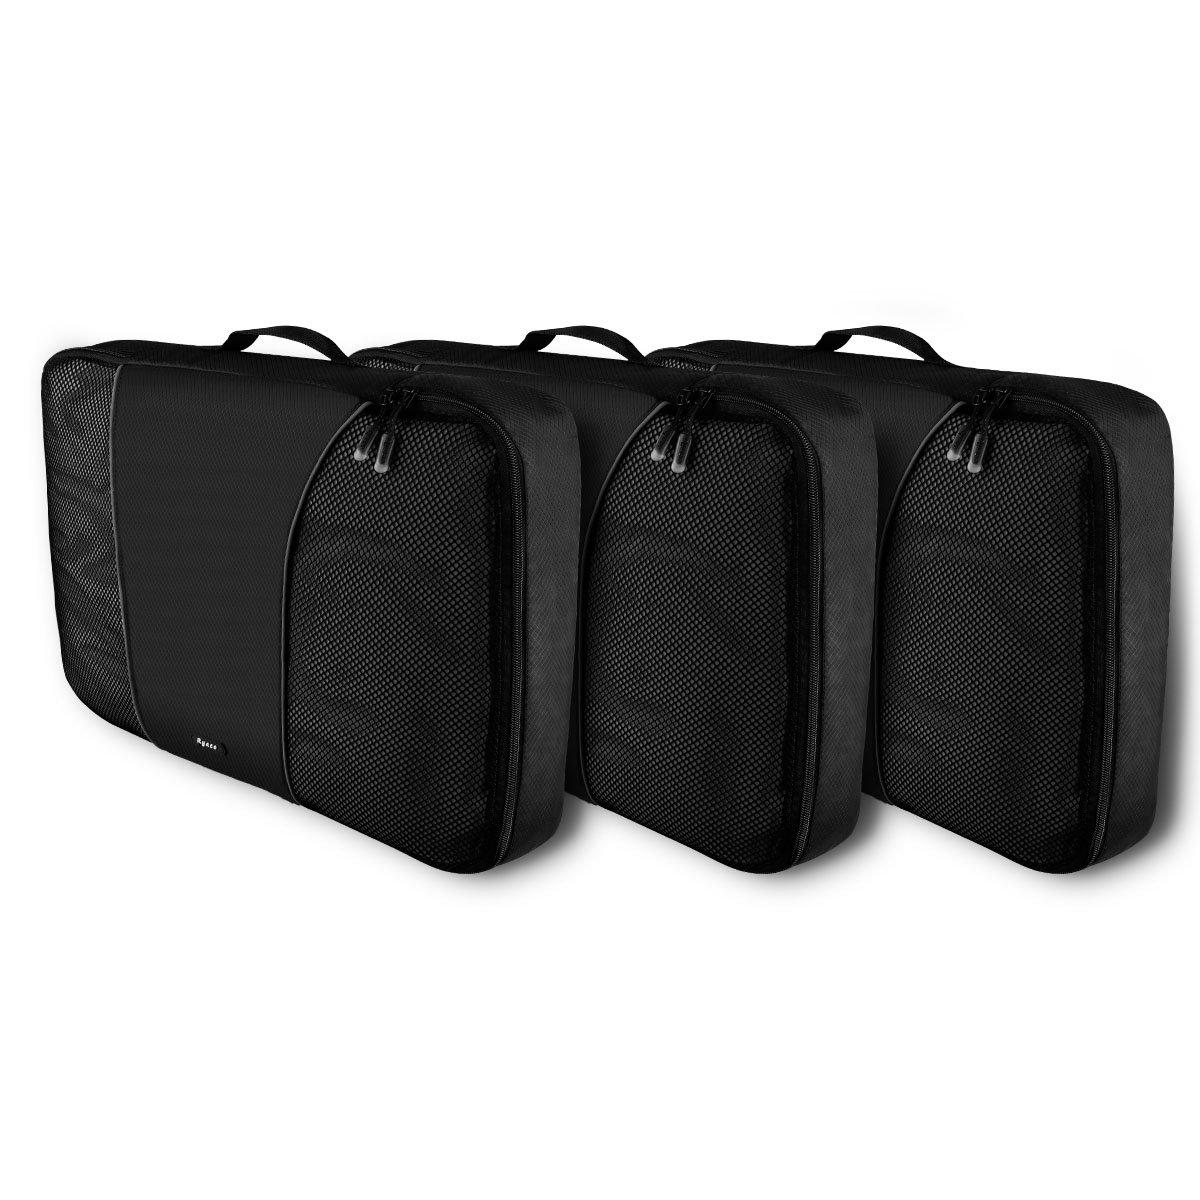 RYACO 3 Stück Premium Packwürfel Robust & Langlebig Reisetasche,Verpackungswürfel, Packtaschen, Kleidertasche, Koffer-Organizer, Aufbewahrungstasche Verpackungswürfel 95PC-N3PL-3BR